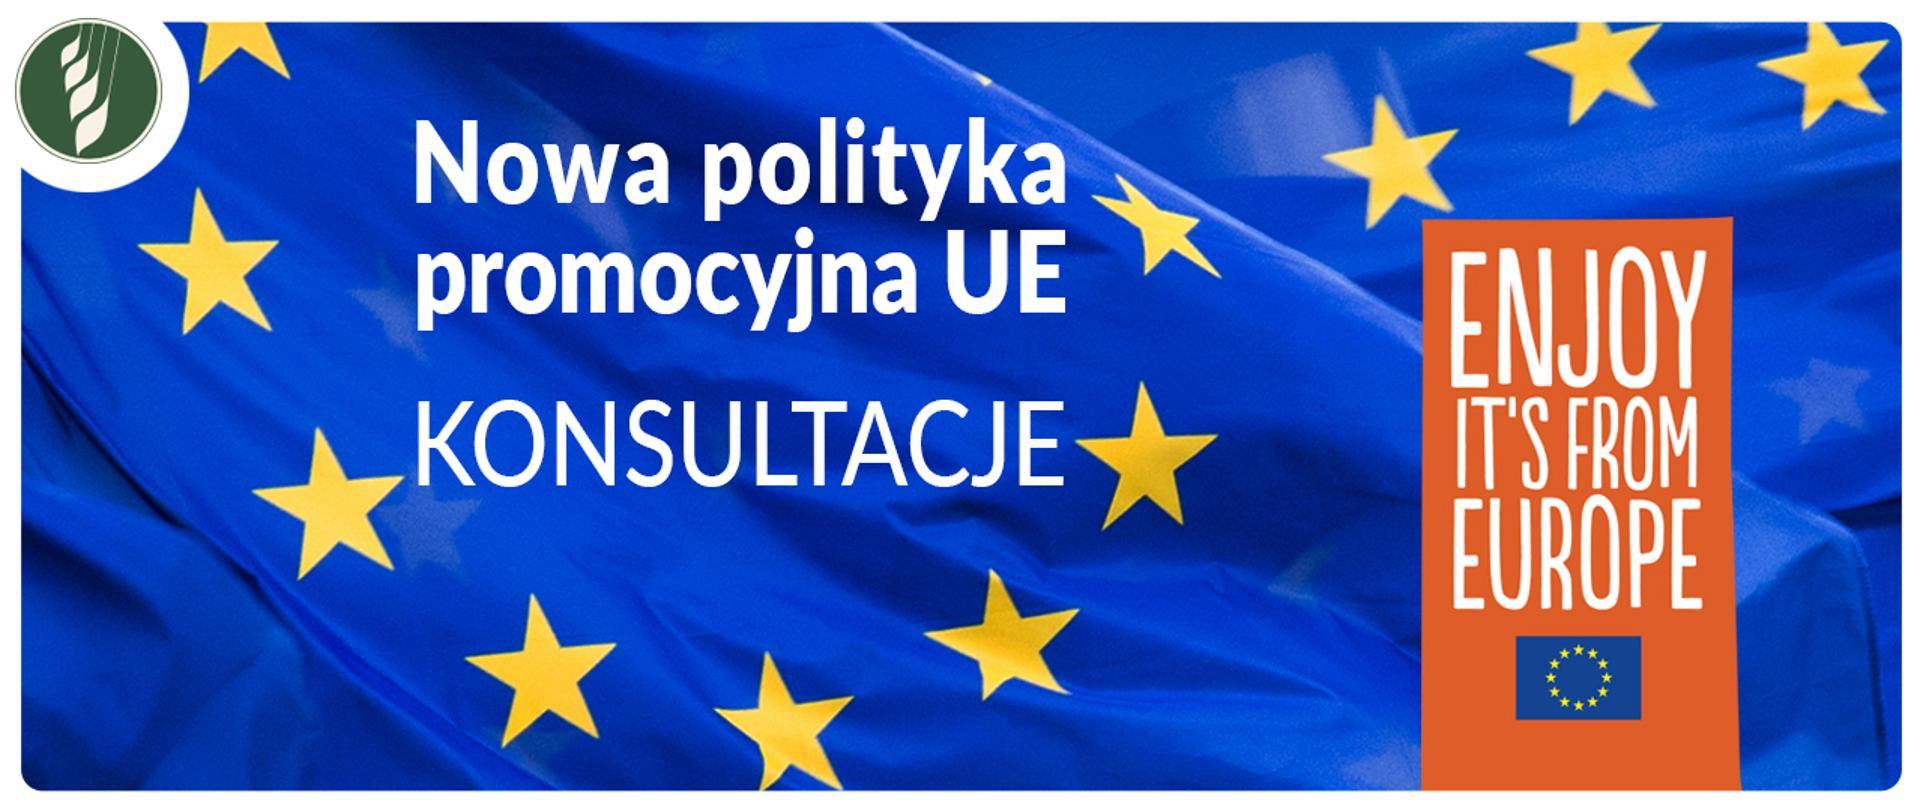 Nowa polityka promocyjna UE – konsultacje